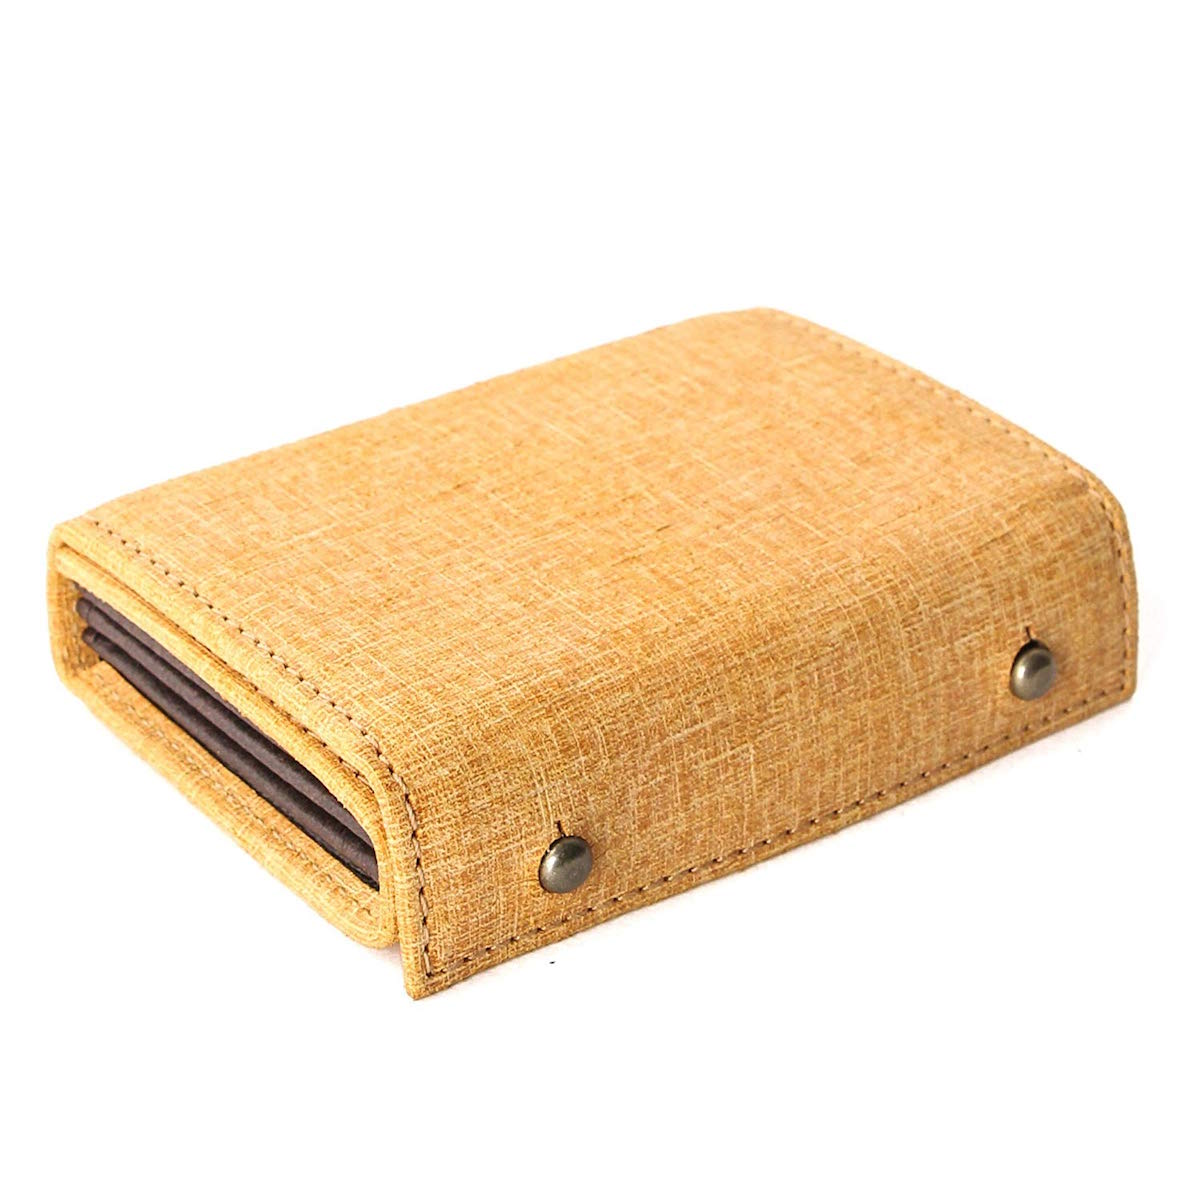 【クーポンあり】エムピウ m+ rmillefoglie P25 quadretti yellow   イエロー ミッレフォッリエ 財布 サイフ さいふ 札入れ メンズ 2つ折り 二つ折り 革 小さい シンプル スリム コンパクト 人気 おすすめ おしゃれ かわいい ギフト お祝い プレゼント 日本製